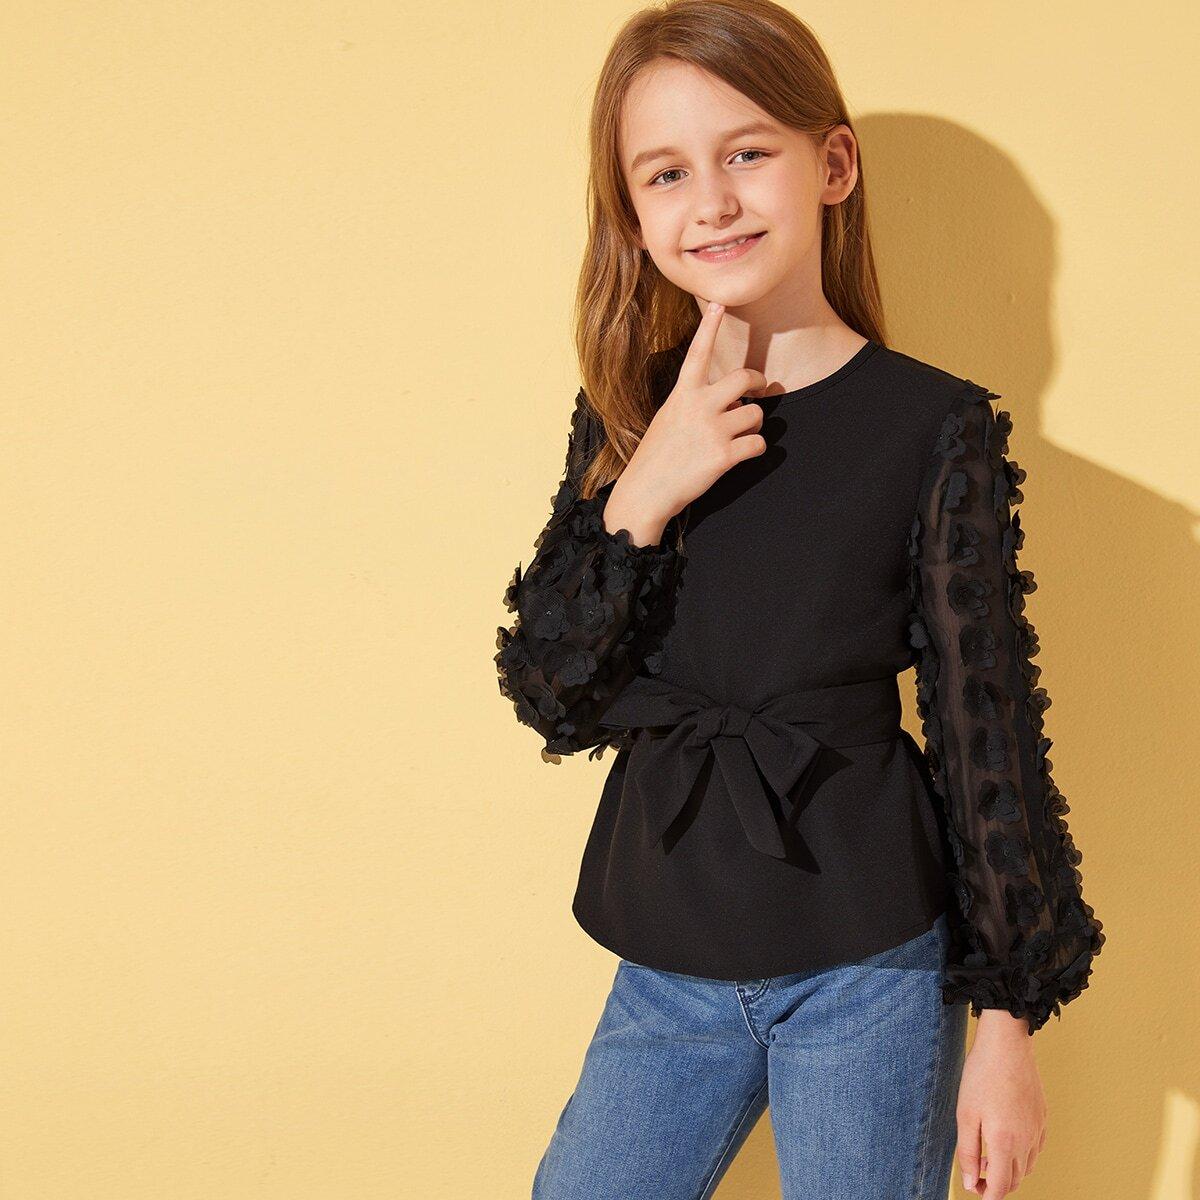 Топ с сетчатым рукавом, 3D аппликацией и поясом для девочек от SHEIN